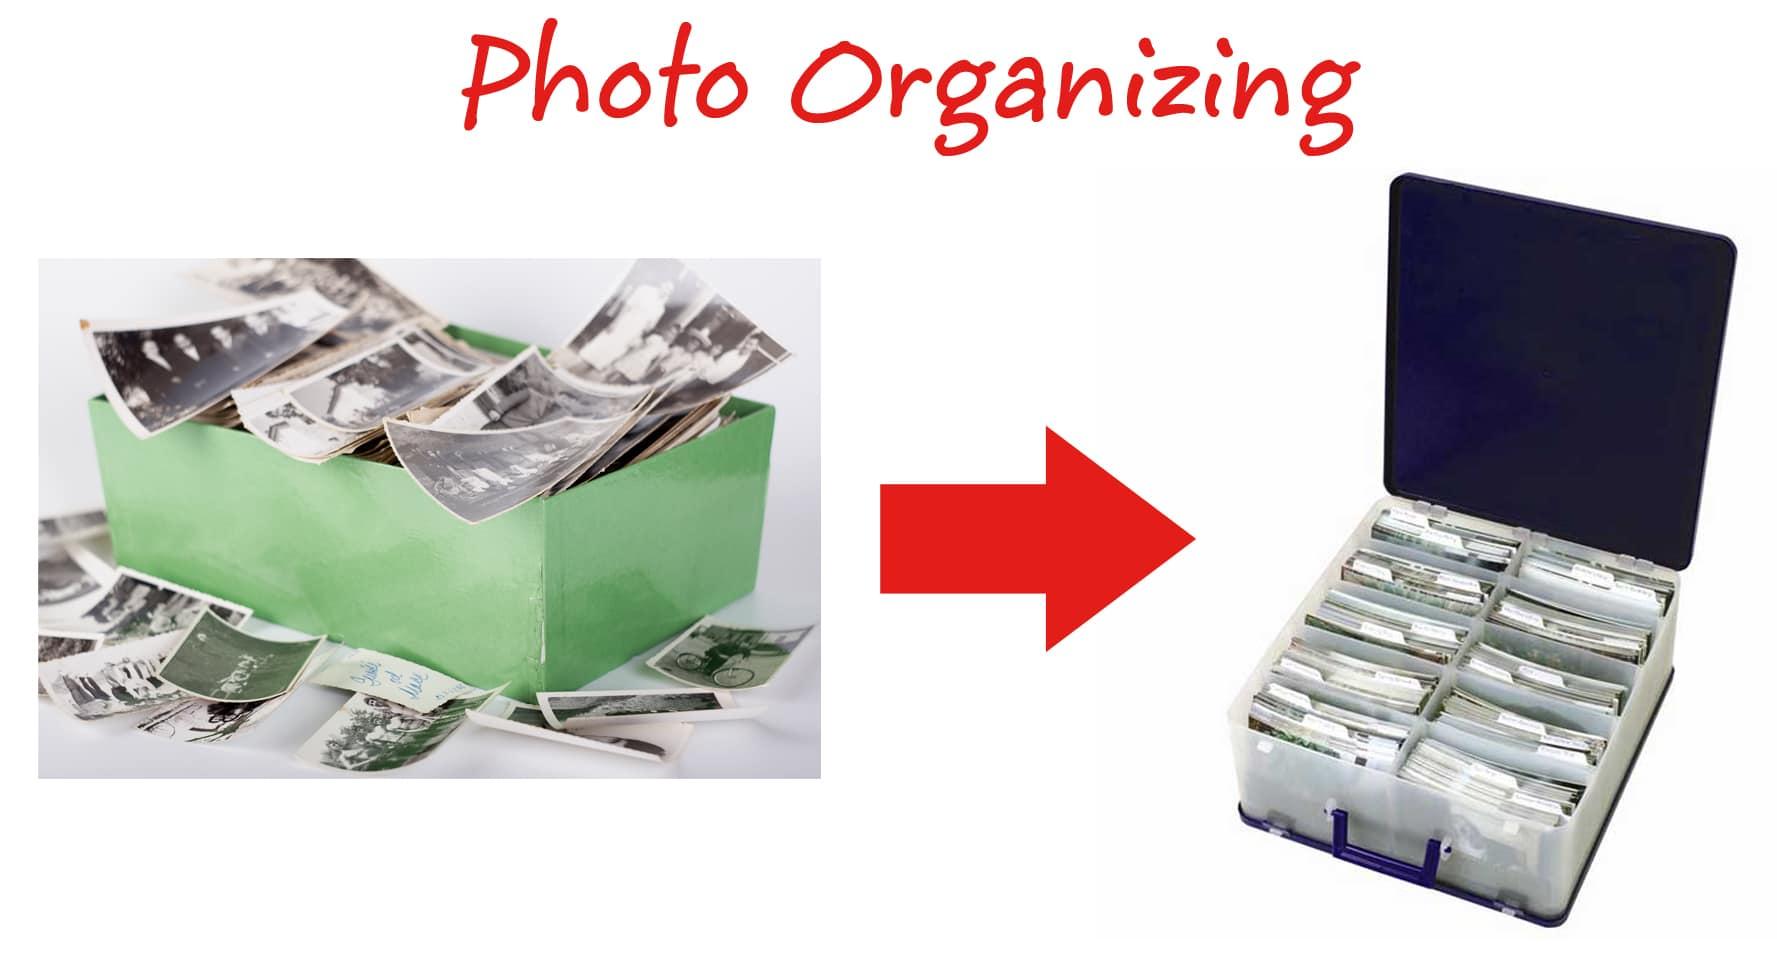 Photo Organizing Title